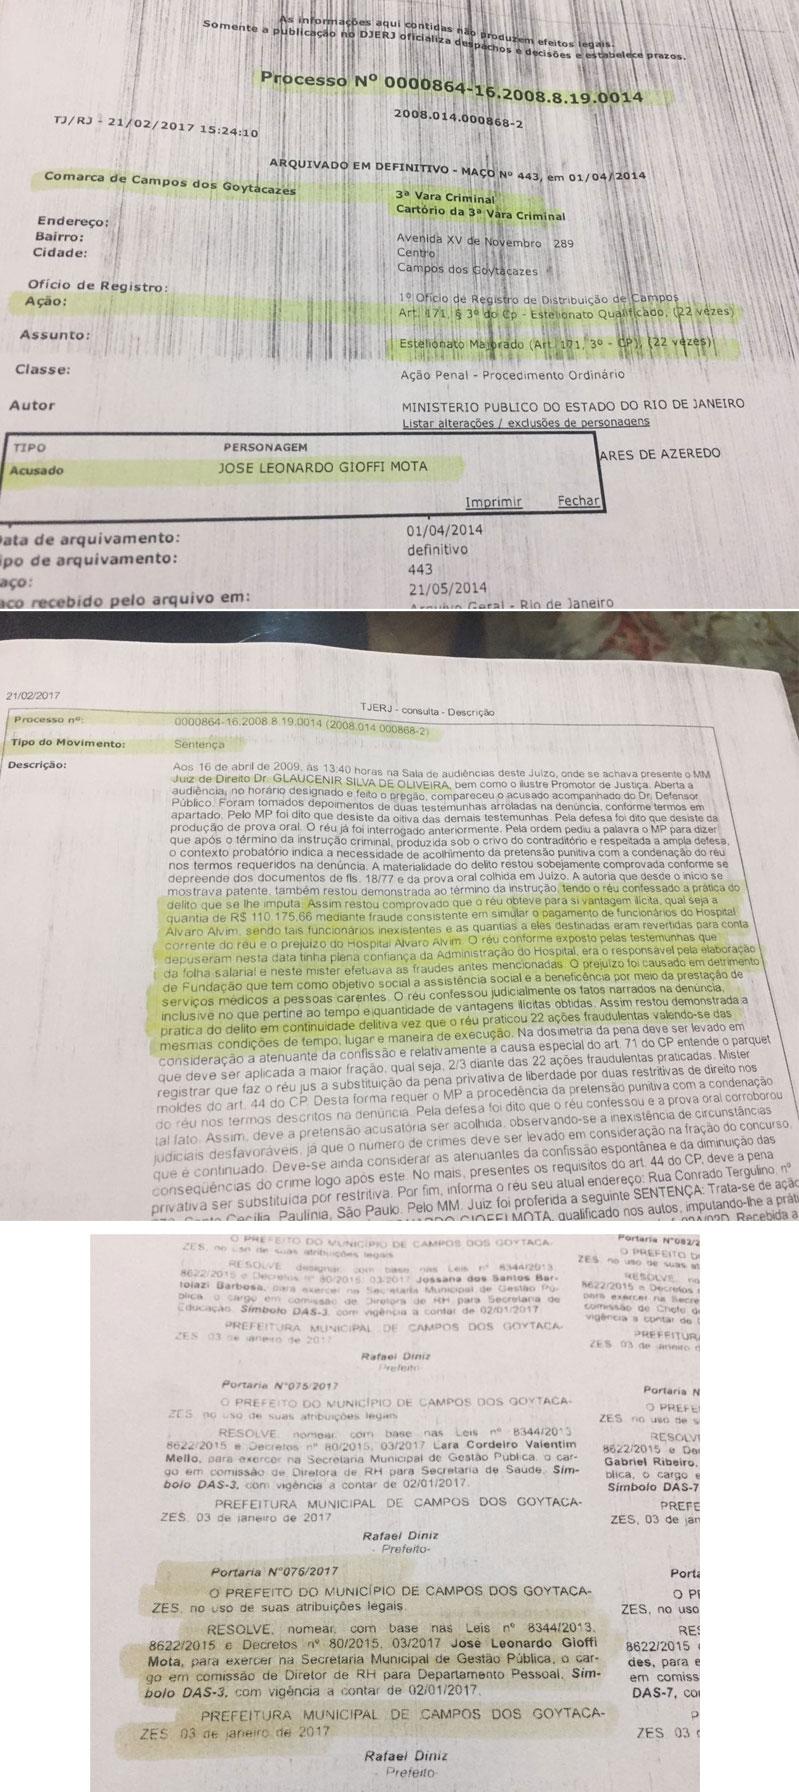 Sentença que condenou estelionatário; abaixo sua nomeação pelo prefeito Rafael Diniz